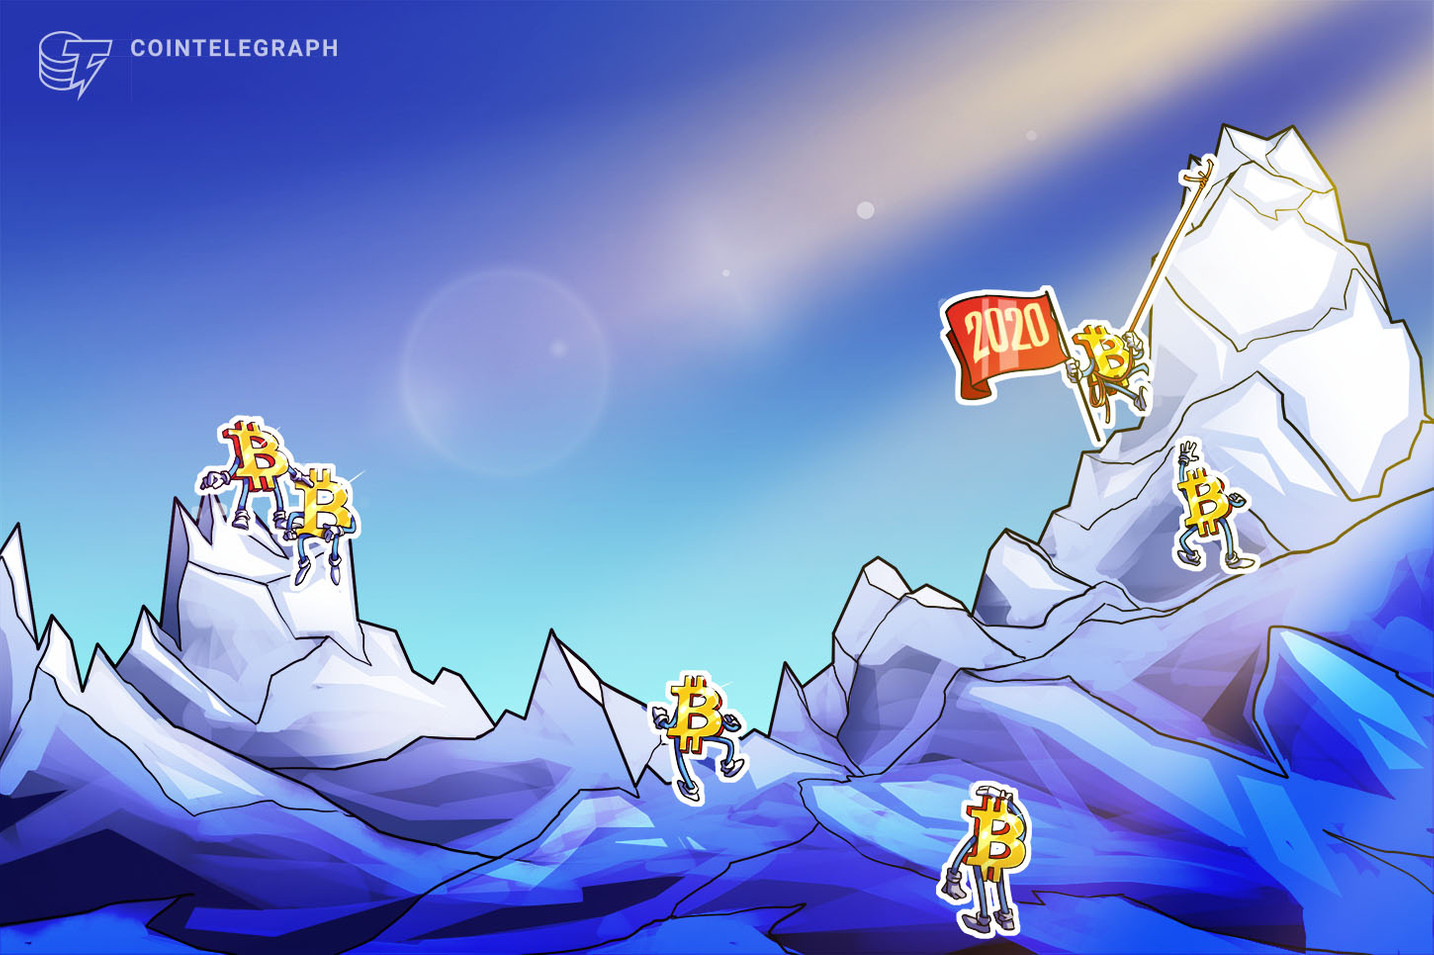 ¿Congelado? La correlación de precios de Bitcoin con otros activos aún no está definida